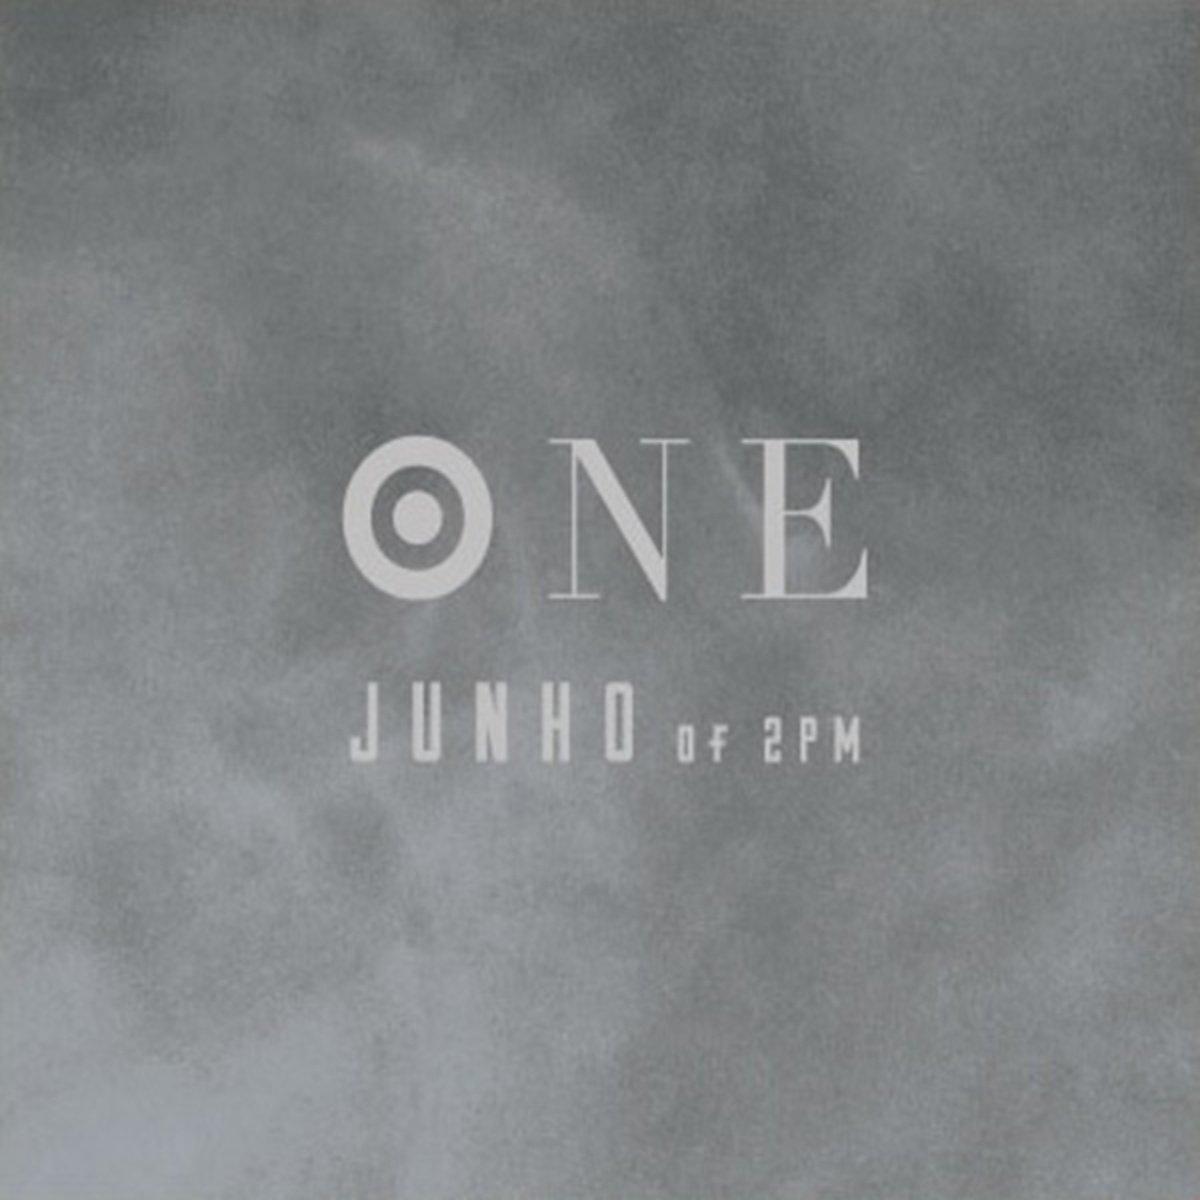 Jun Ho - Best Album [ONE]_GD00021367